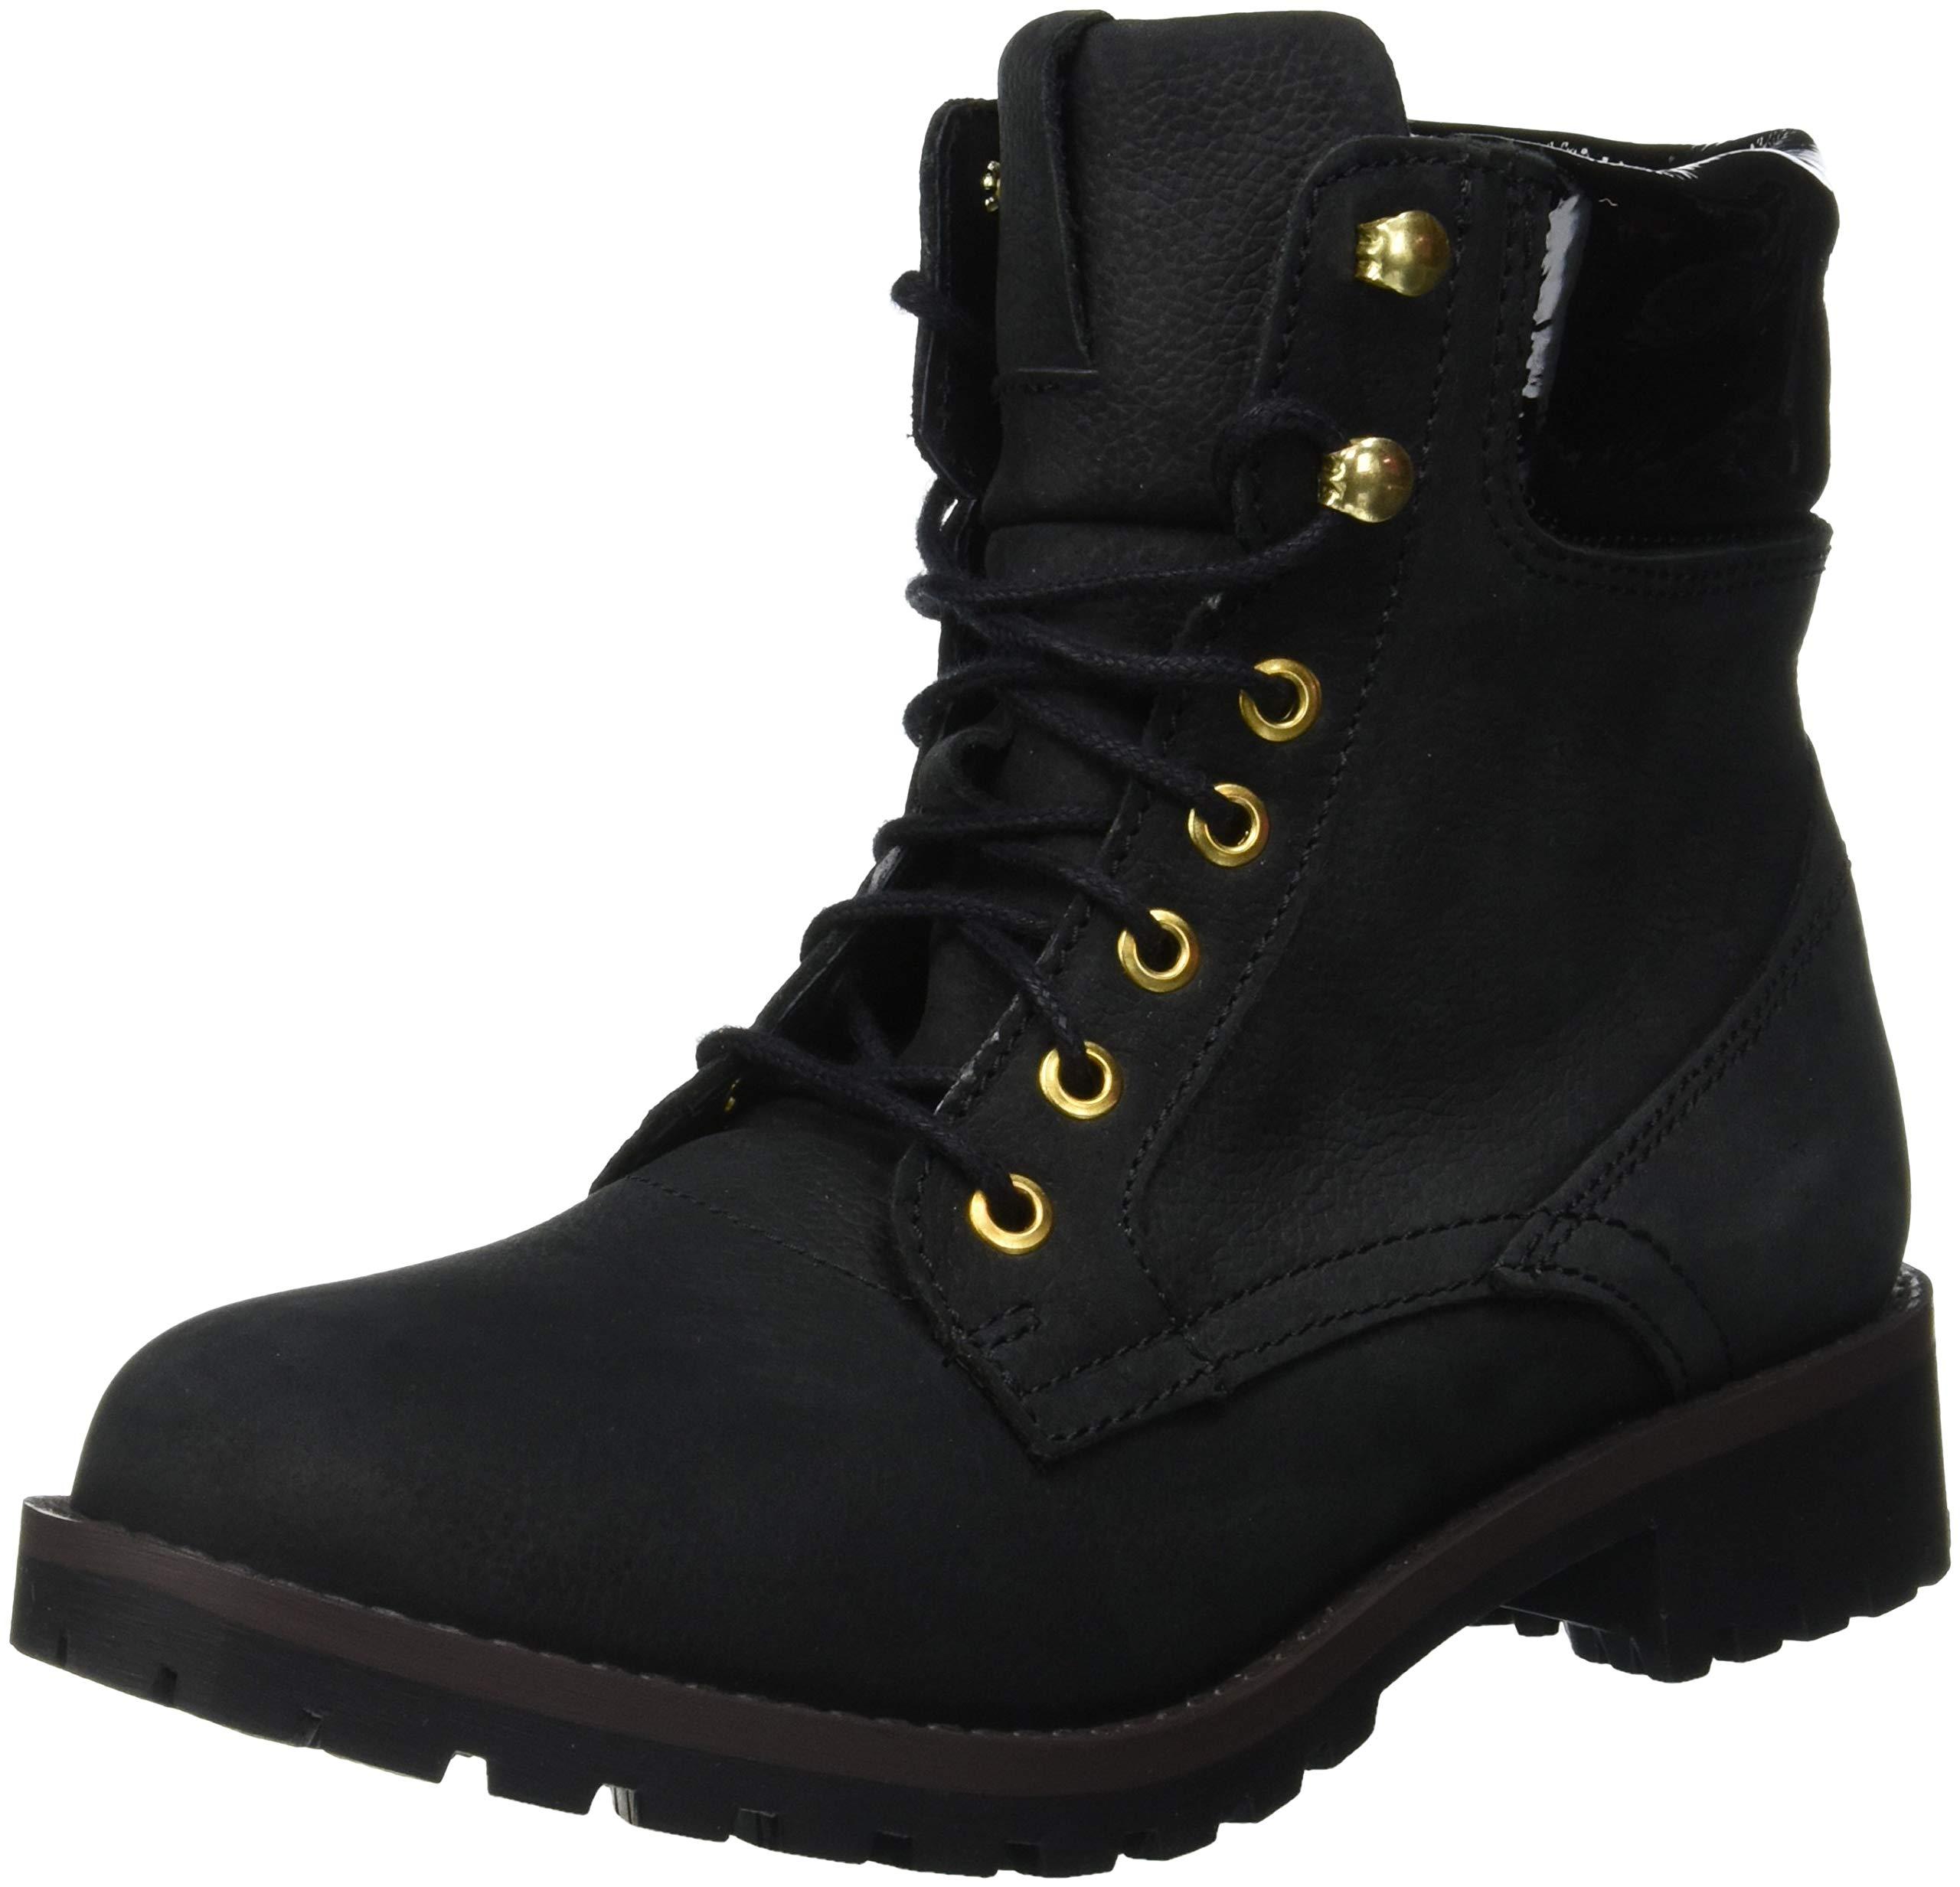 Boots 1001137 A Eu FemmeSchwarzblack Ichi FwRangers Murie bgf7Y6y